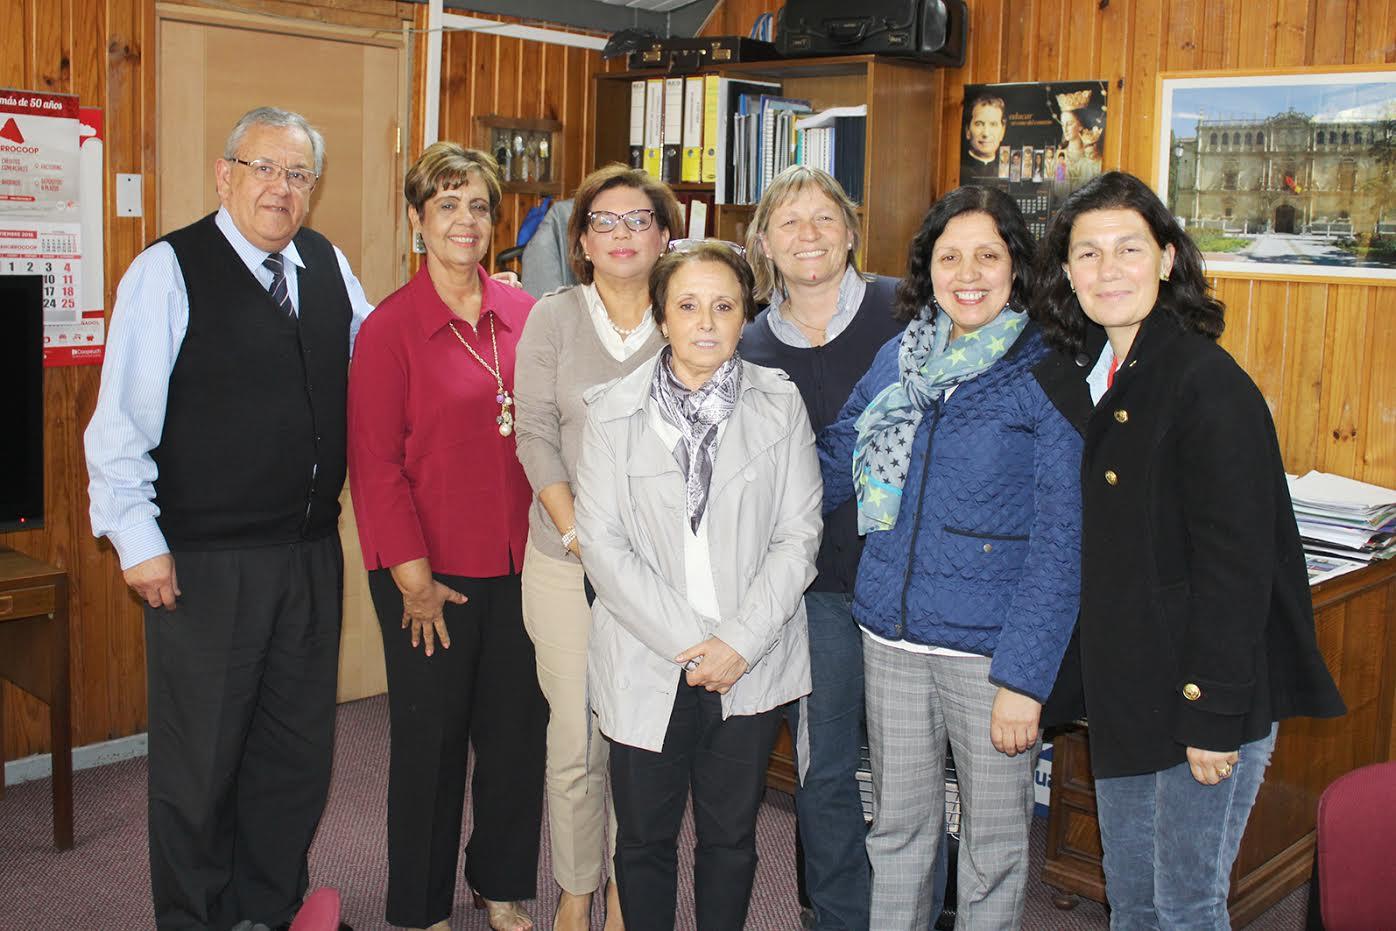 Escuelas Rurales de Talca son consideradas modelo por Pontificia Universidad Católica Madre y Maestra de República Dominicana